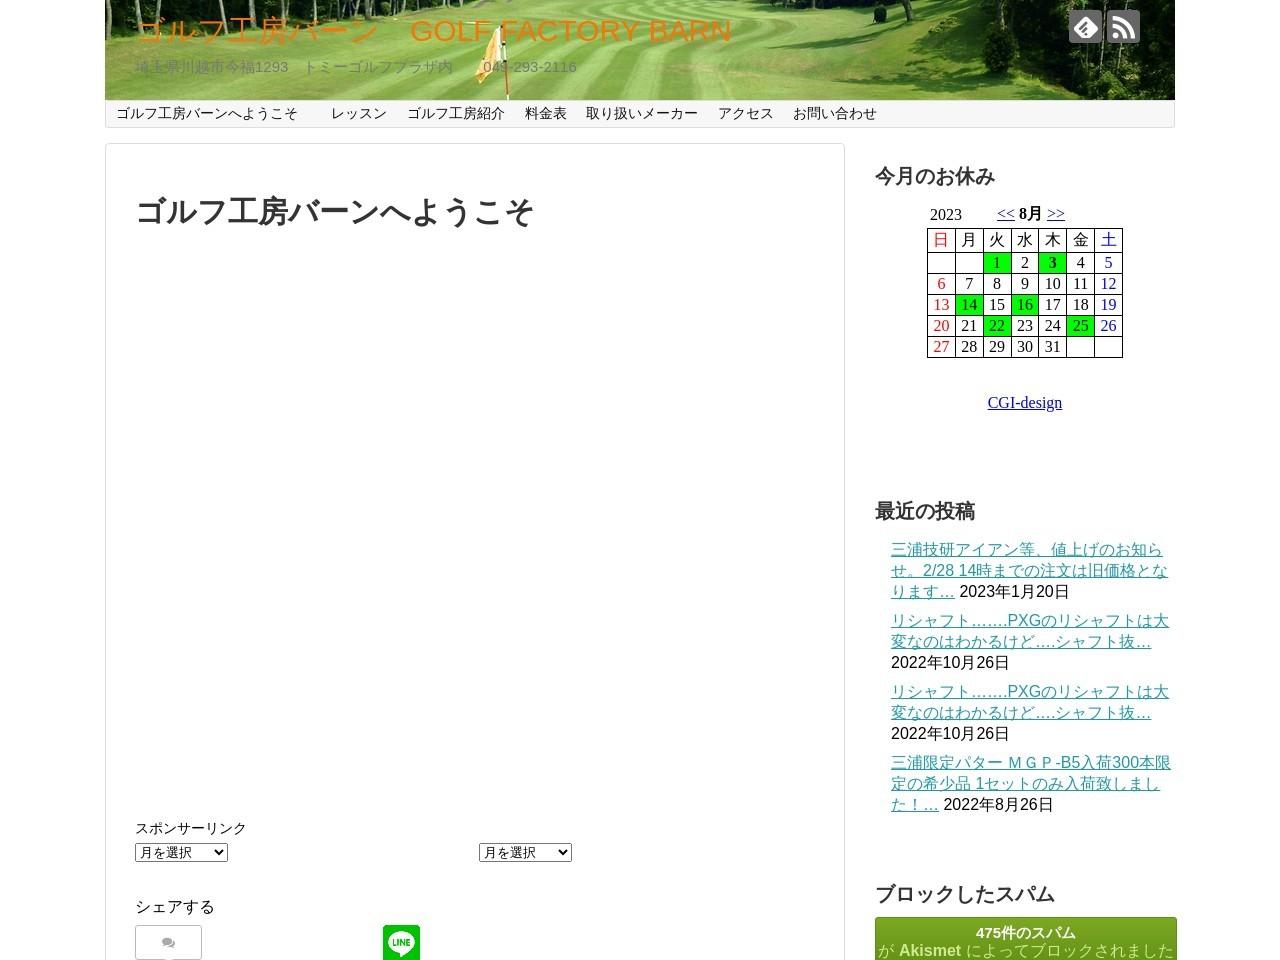 ゴルフ工房バーン